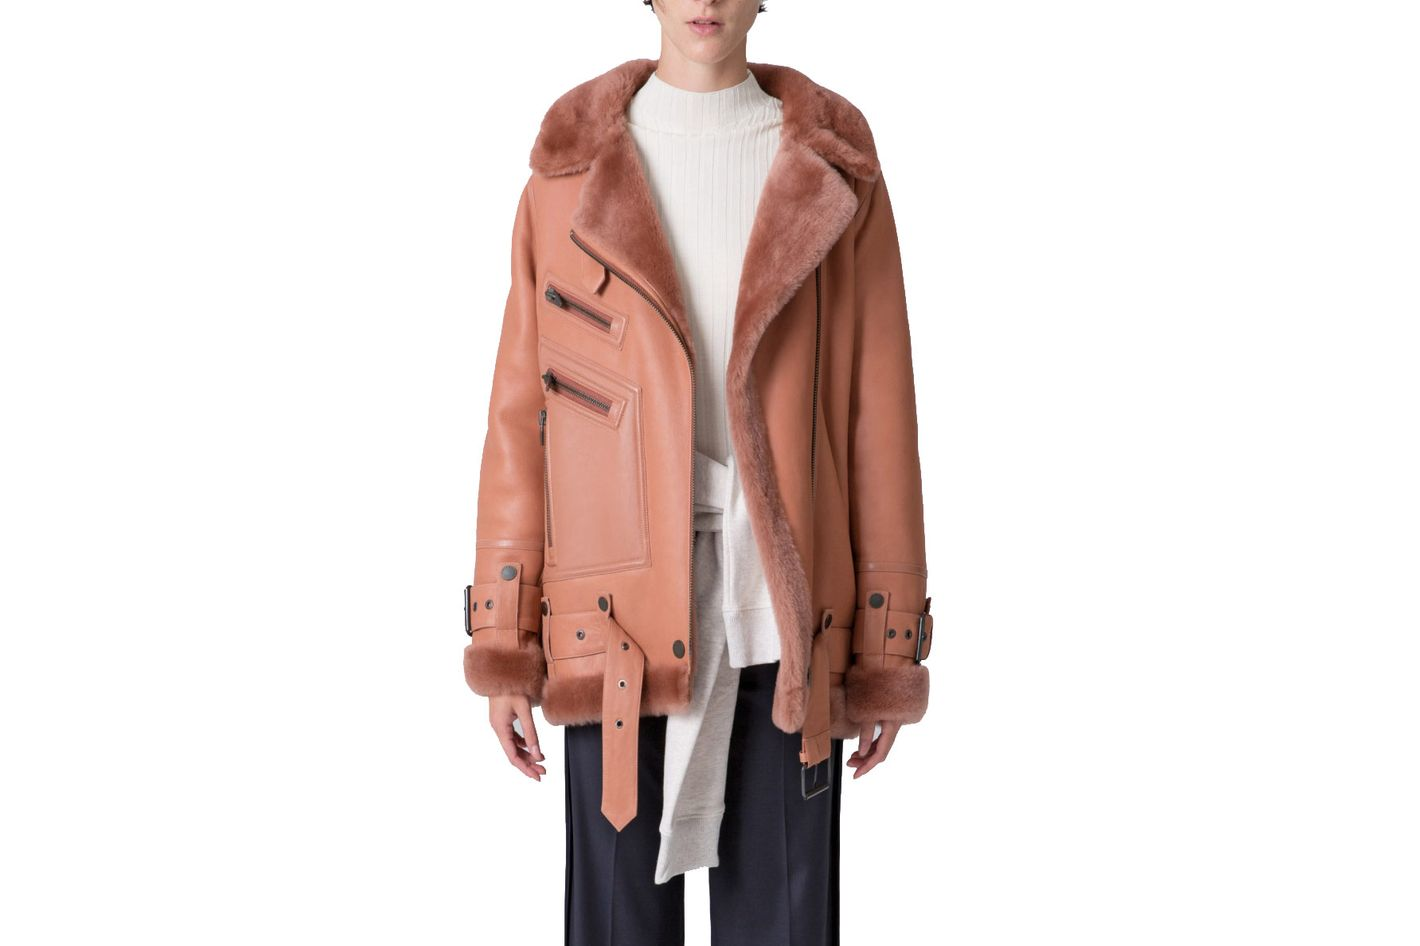 Moya III LMTD Shearling Jacket